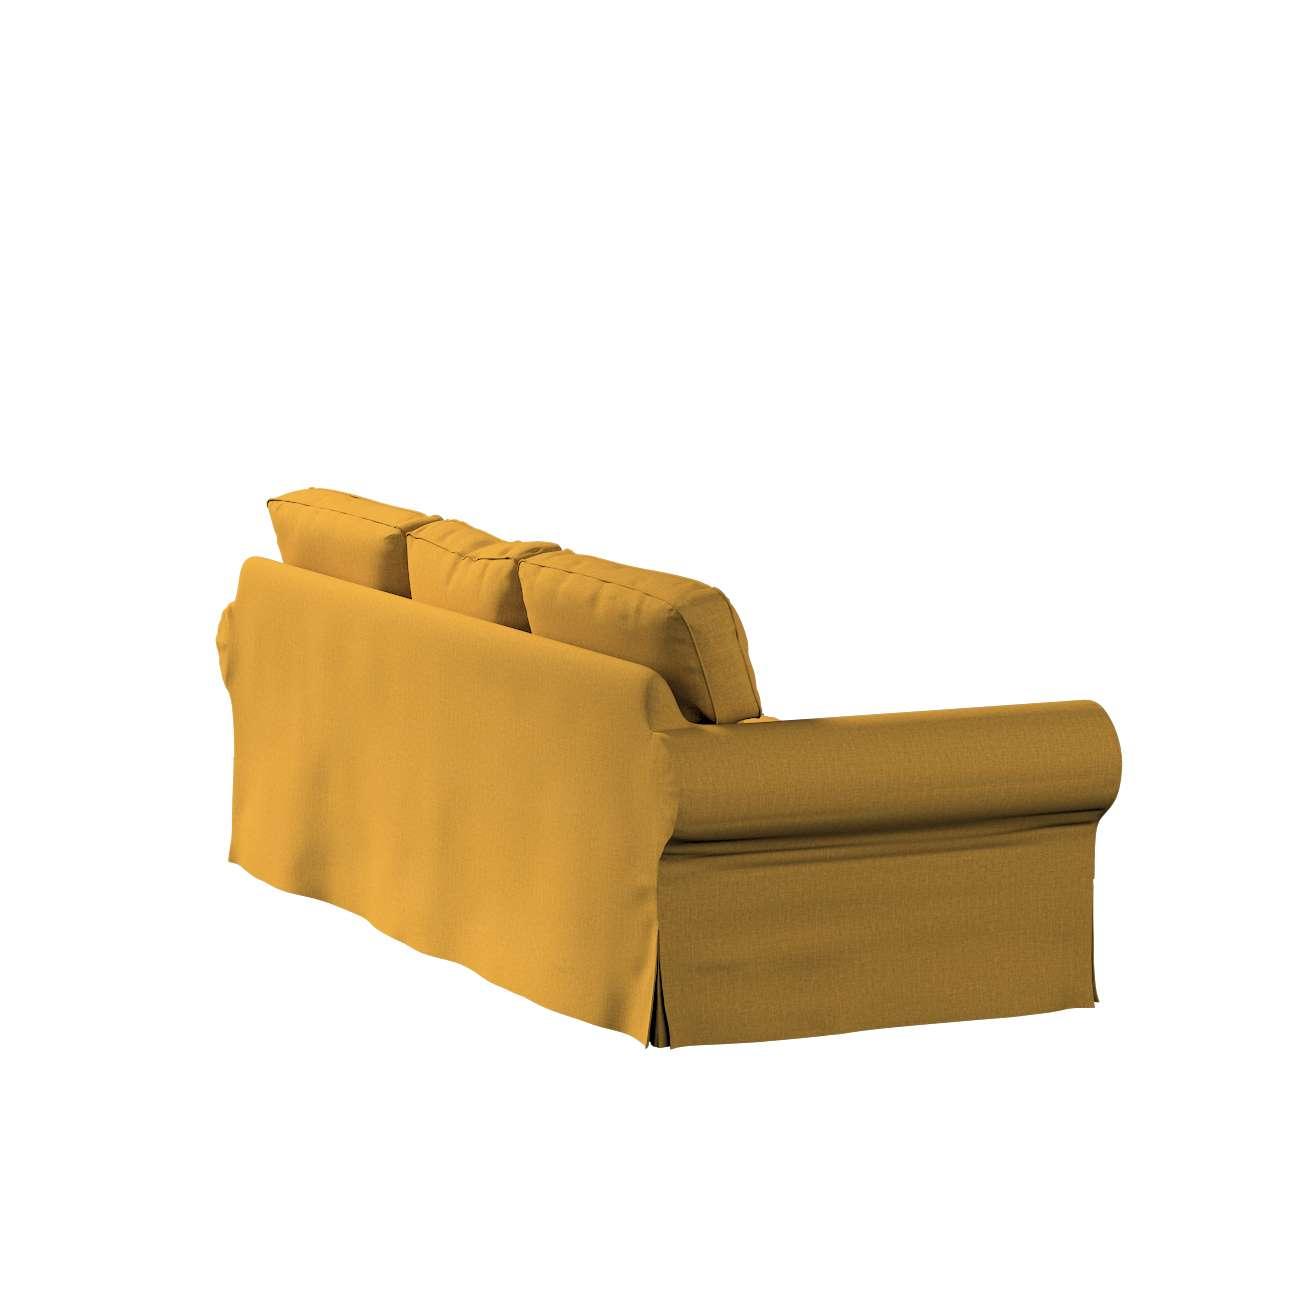 Pokrowiec na sofę Ektorp 3-osobową, rozkładaną w kolekcji City, tkanina: 704-82